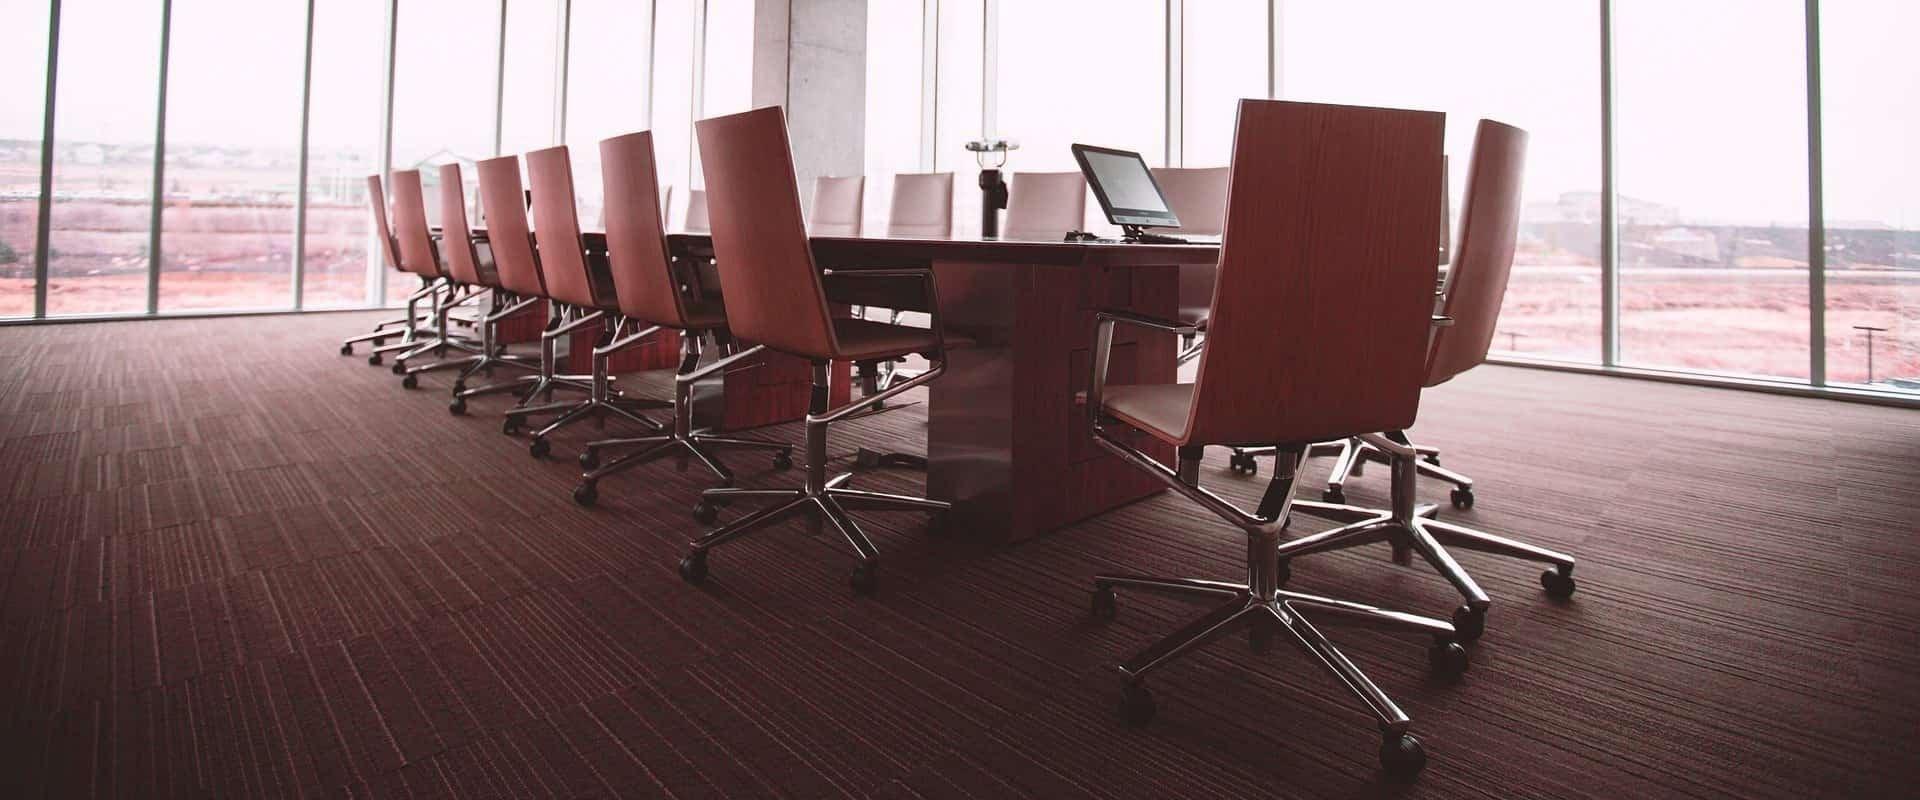 Möbel sicher mit COSYS Transport Software ausliefern